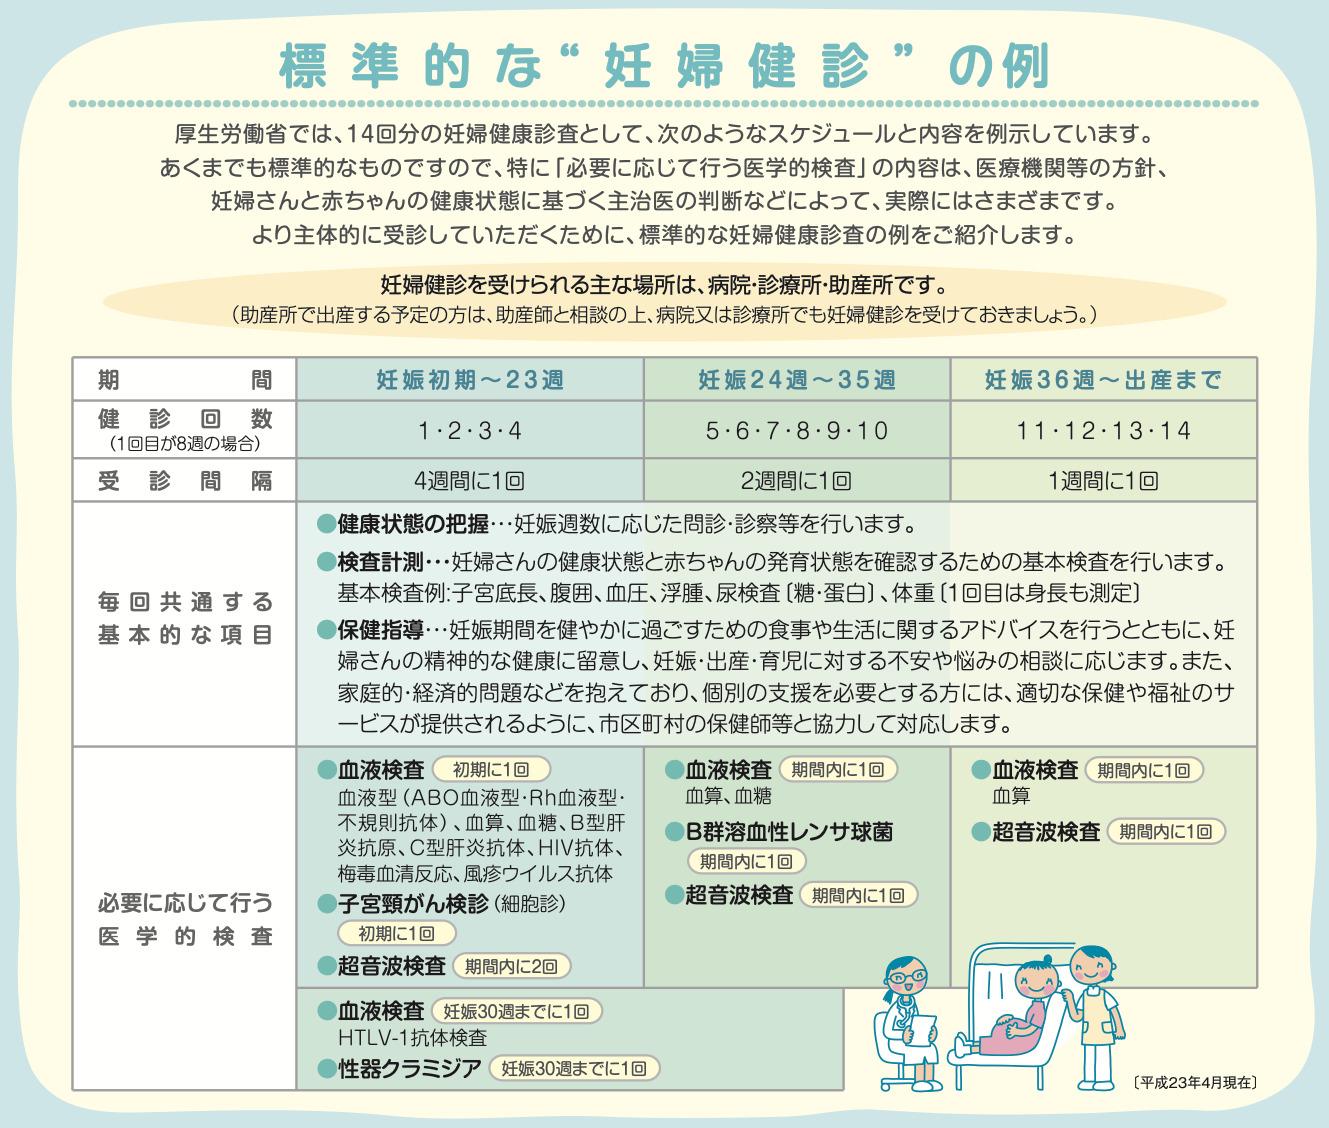 厚生労働省による2回目の妊婦検診で行う内容